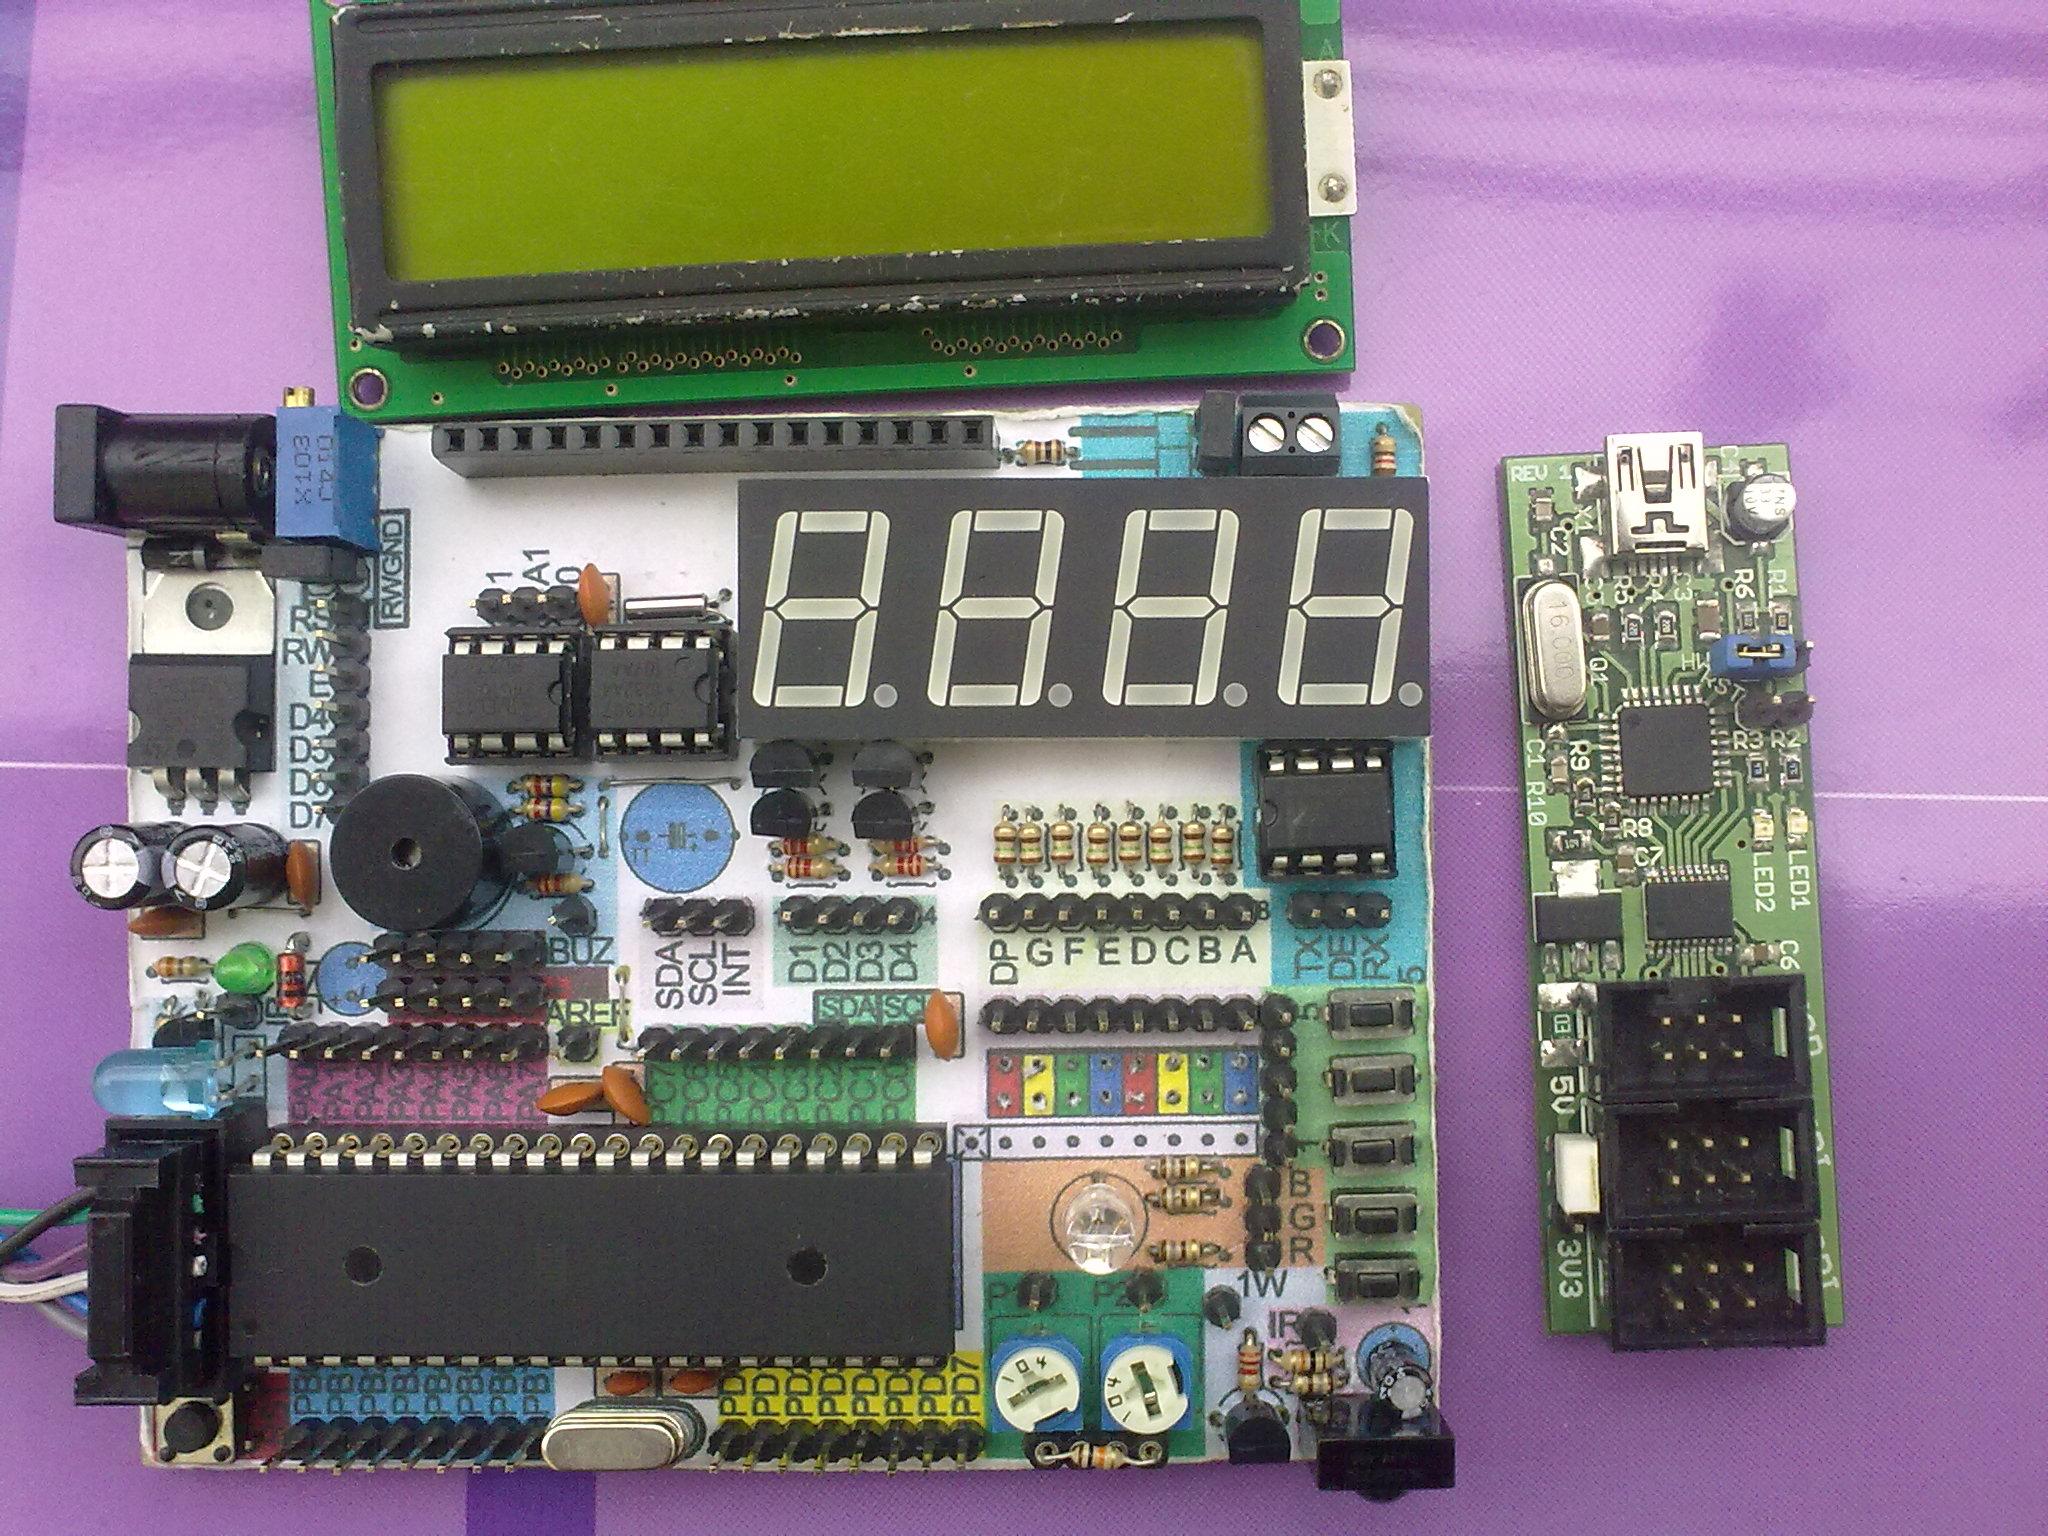 P�ytka prototypowa Miszczo test board.